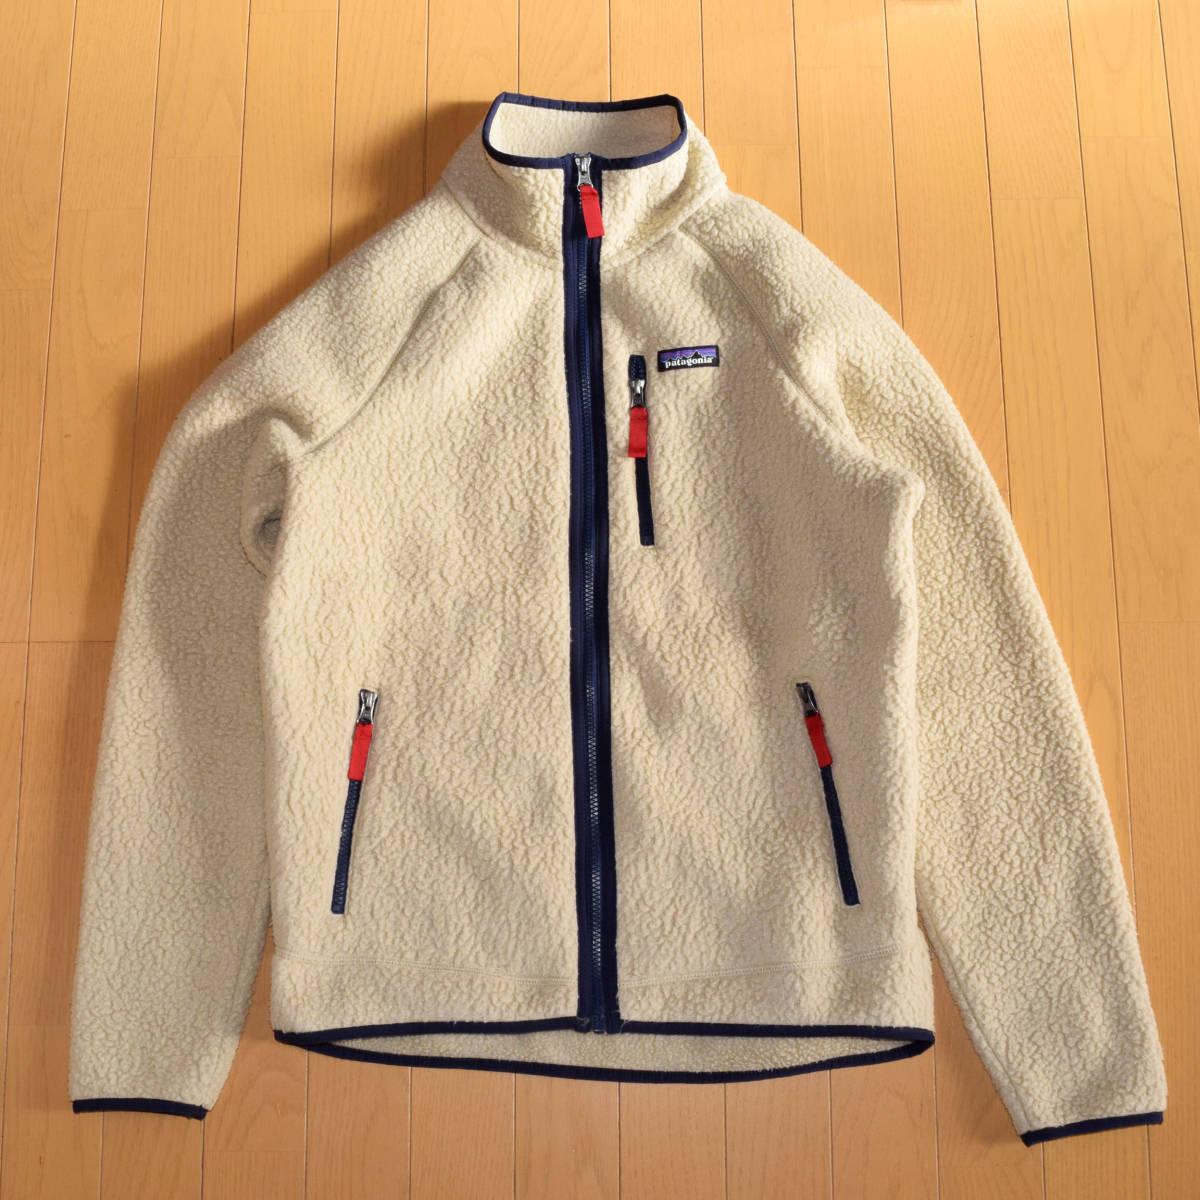 美品!人気カラー patagonia パタゴニア MEN'S retro pile jacket M サイズ レトロパイル ジャケット レトロX 希少カラー